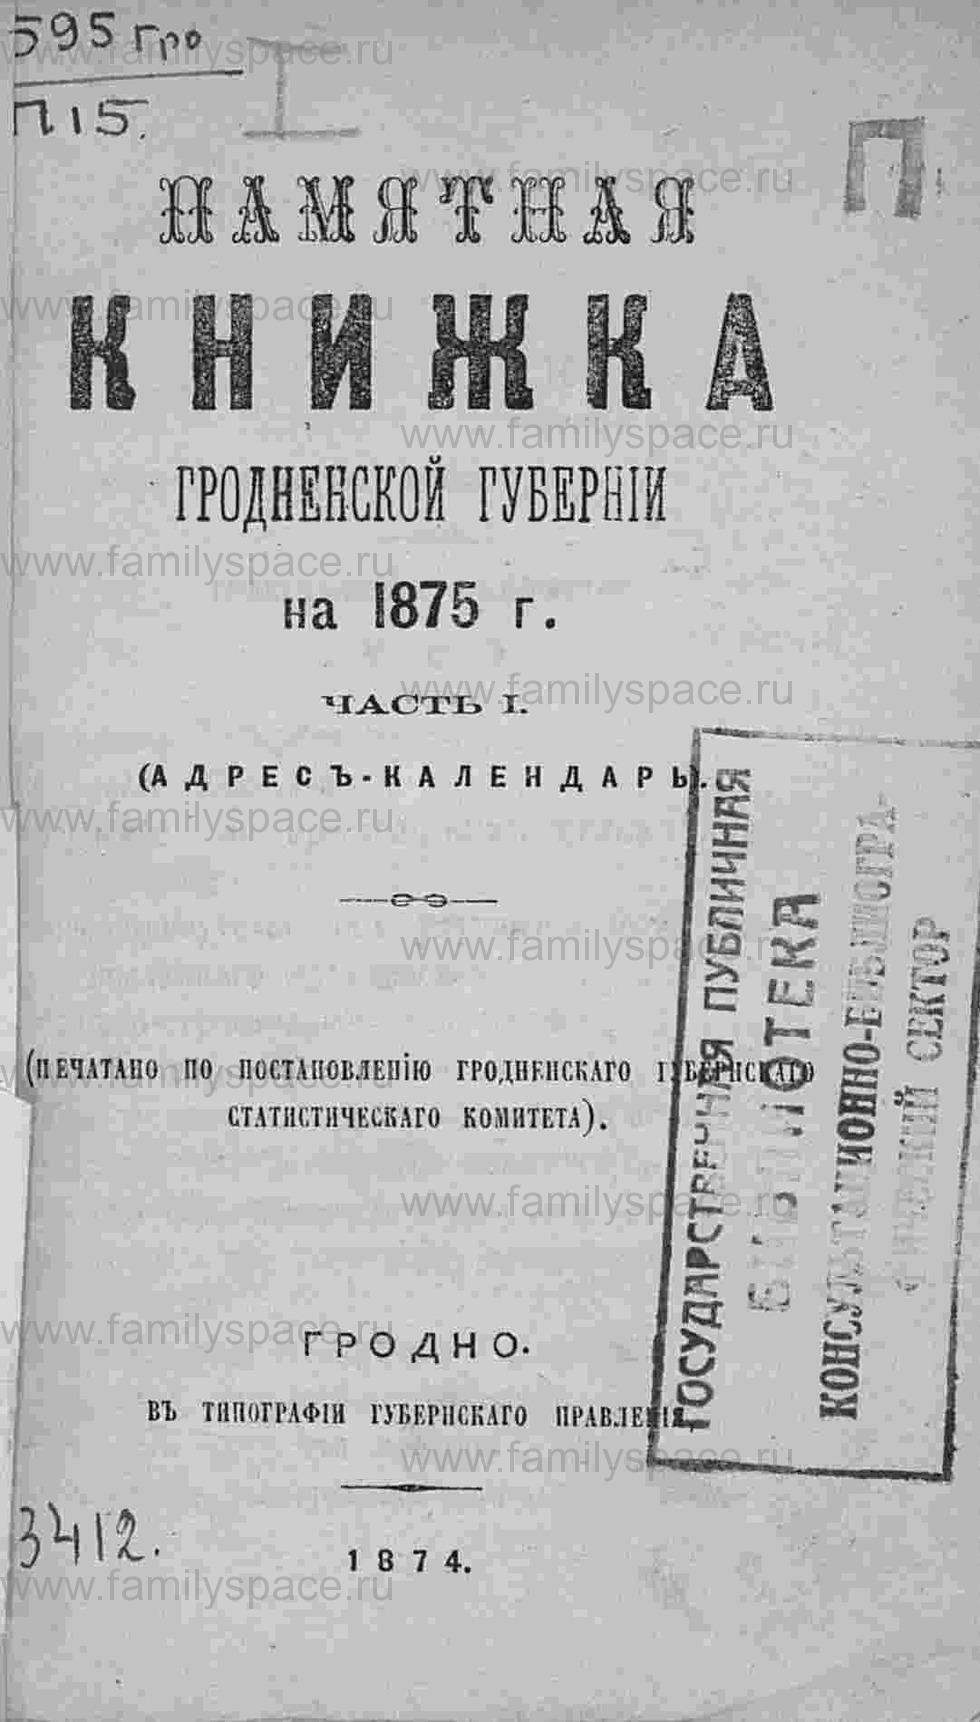 Поиск по фамилии - Памятная книжка Гродненской губернии на 1875 г, страница 4